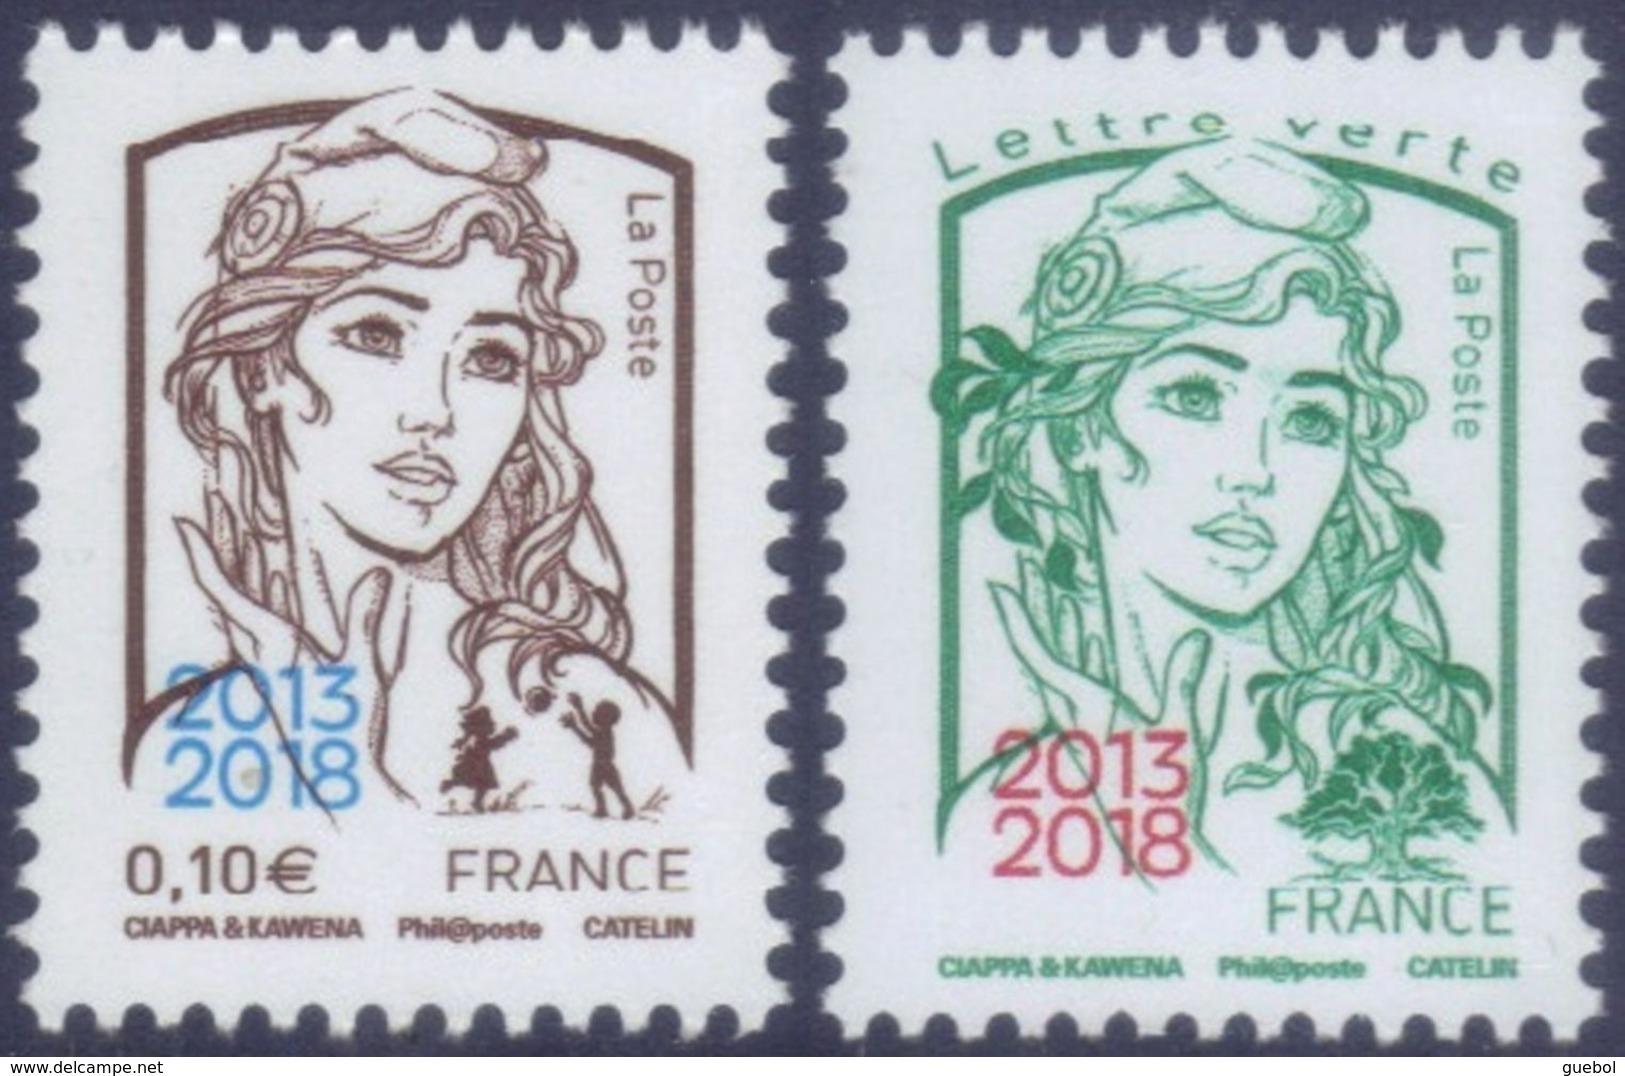 France Marianne De La Jeunesse Par Ciappa Et Kawena N° 5234 Et 5235 ** Les Gommés 0.10 Et TVP Vert Surchargés - 2013-... Marianne (Ciappa-Kawena)